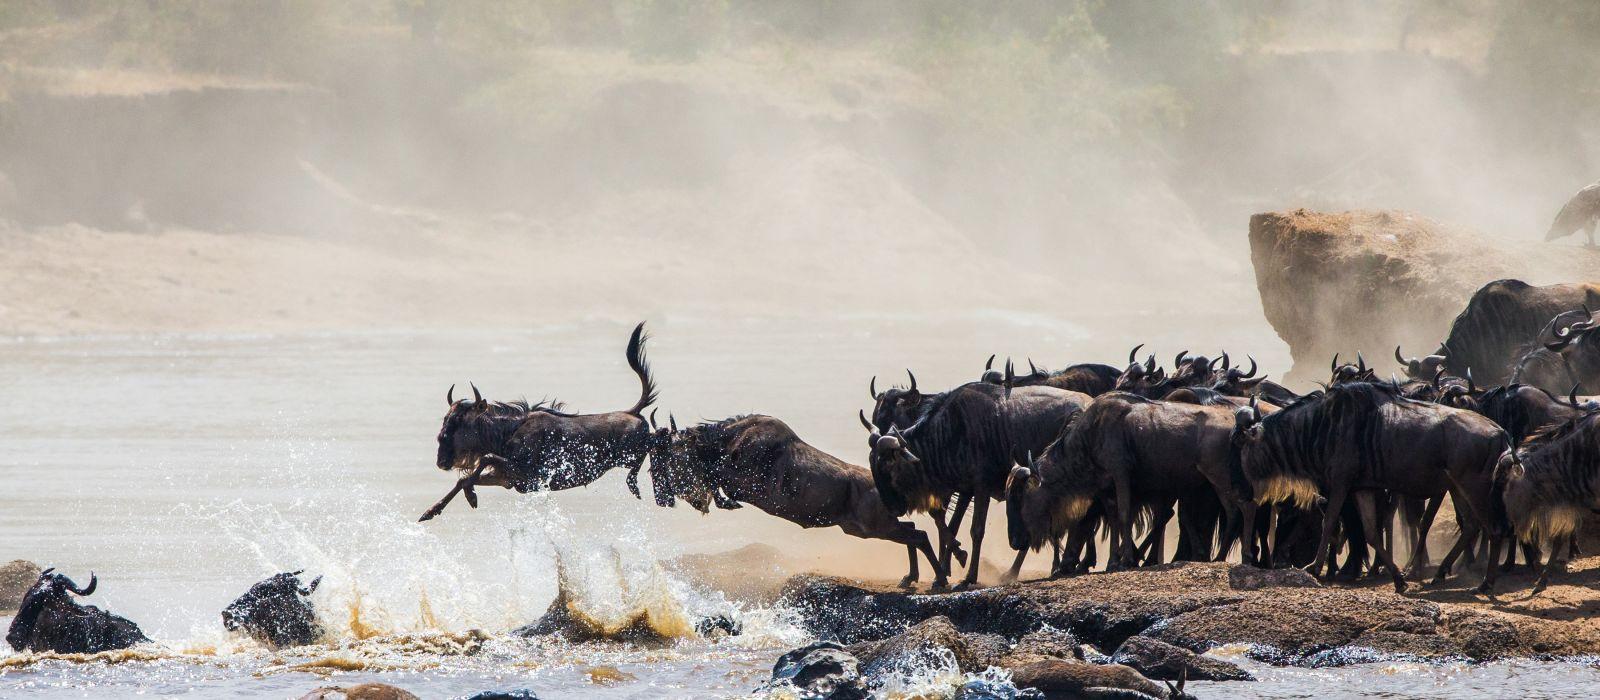 Gnus überqueren den Mara-Fluss während der jährlichen großen Wanderung zwischen Tansania und der Masai Mara in Kenia, Afrika